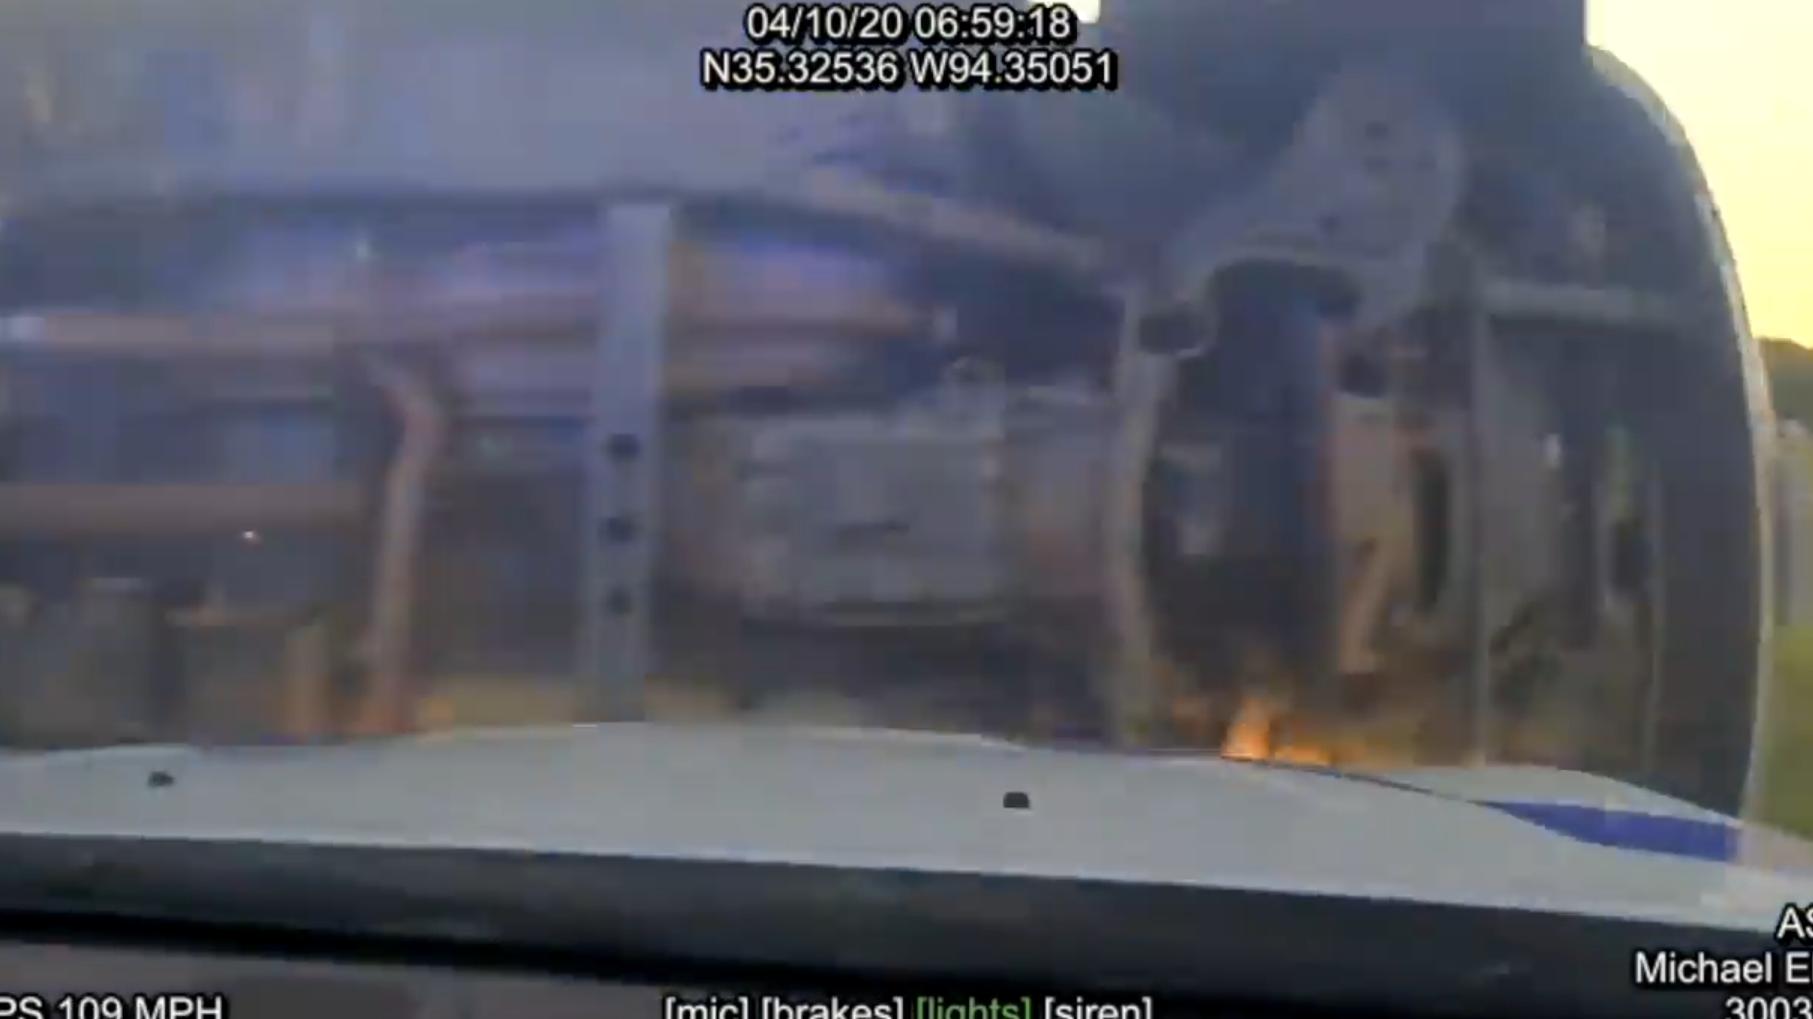 【执法记录】高速警察发动PIT截停失败,警车秒变陆上MXY-7